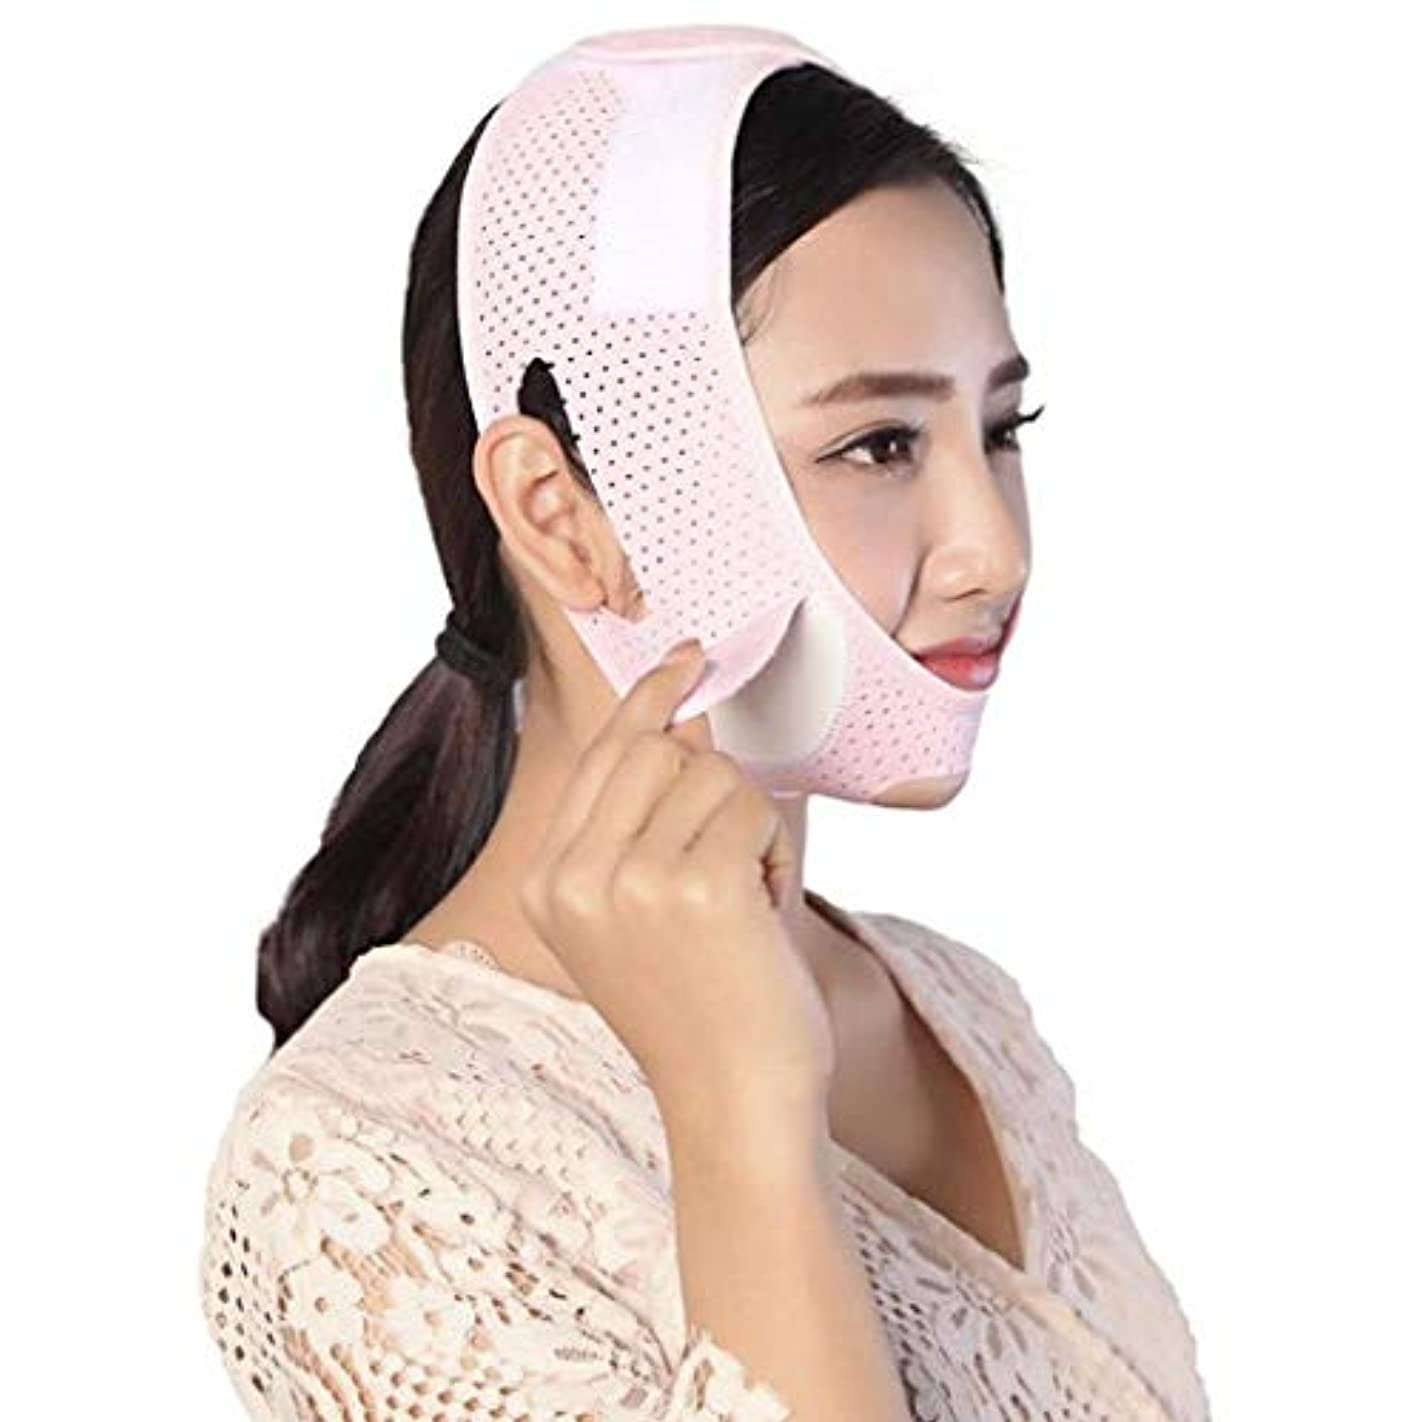 買い物に行くぼかす疑いVフェイスリフティング痩身Vフェイスマスクフルカバレッジ包帯減らす顔の二重あごケア減量美容ベルト通気性